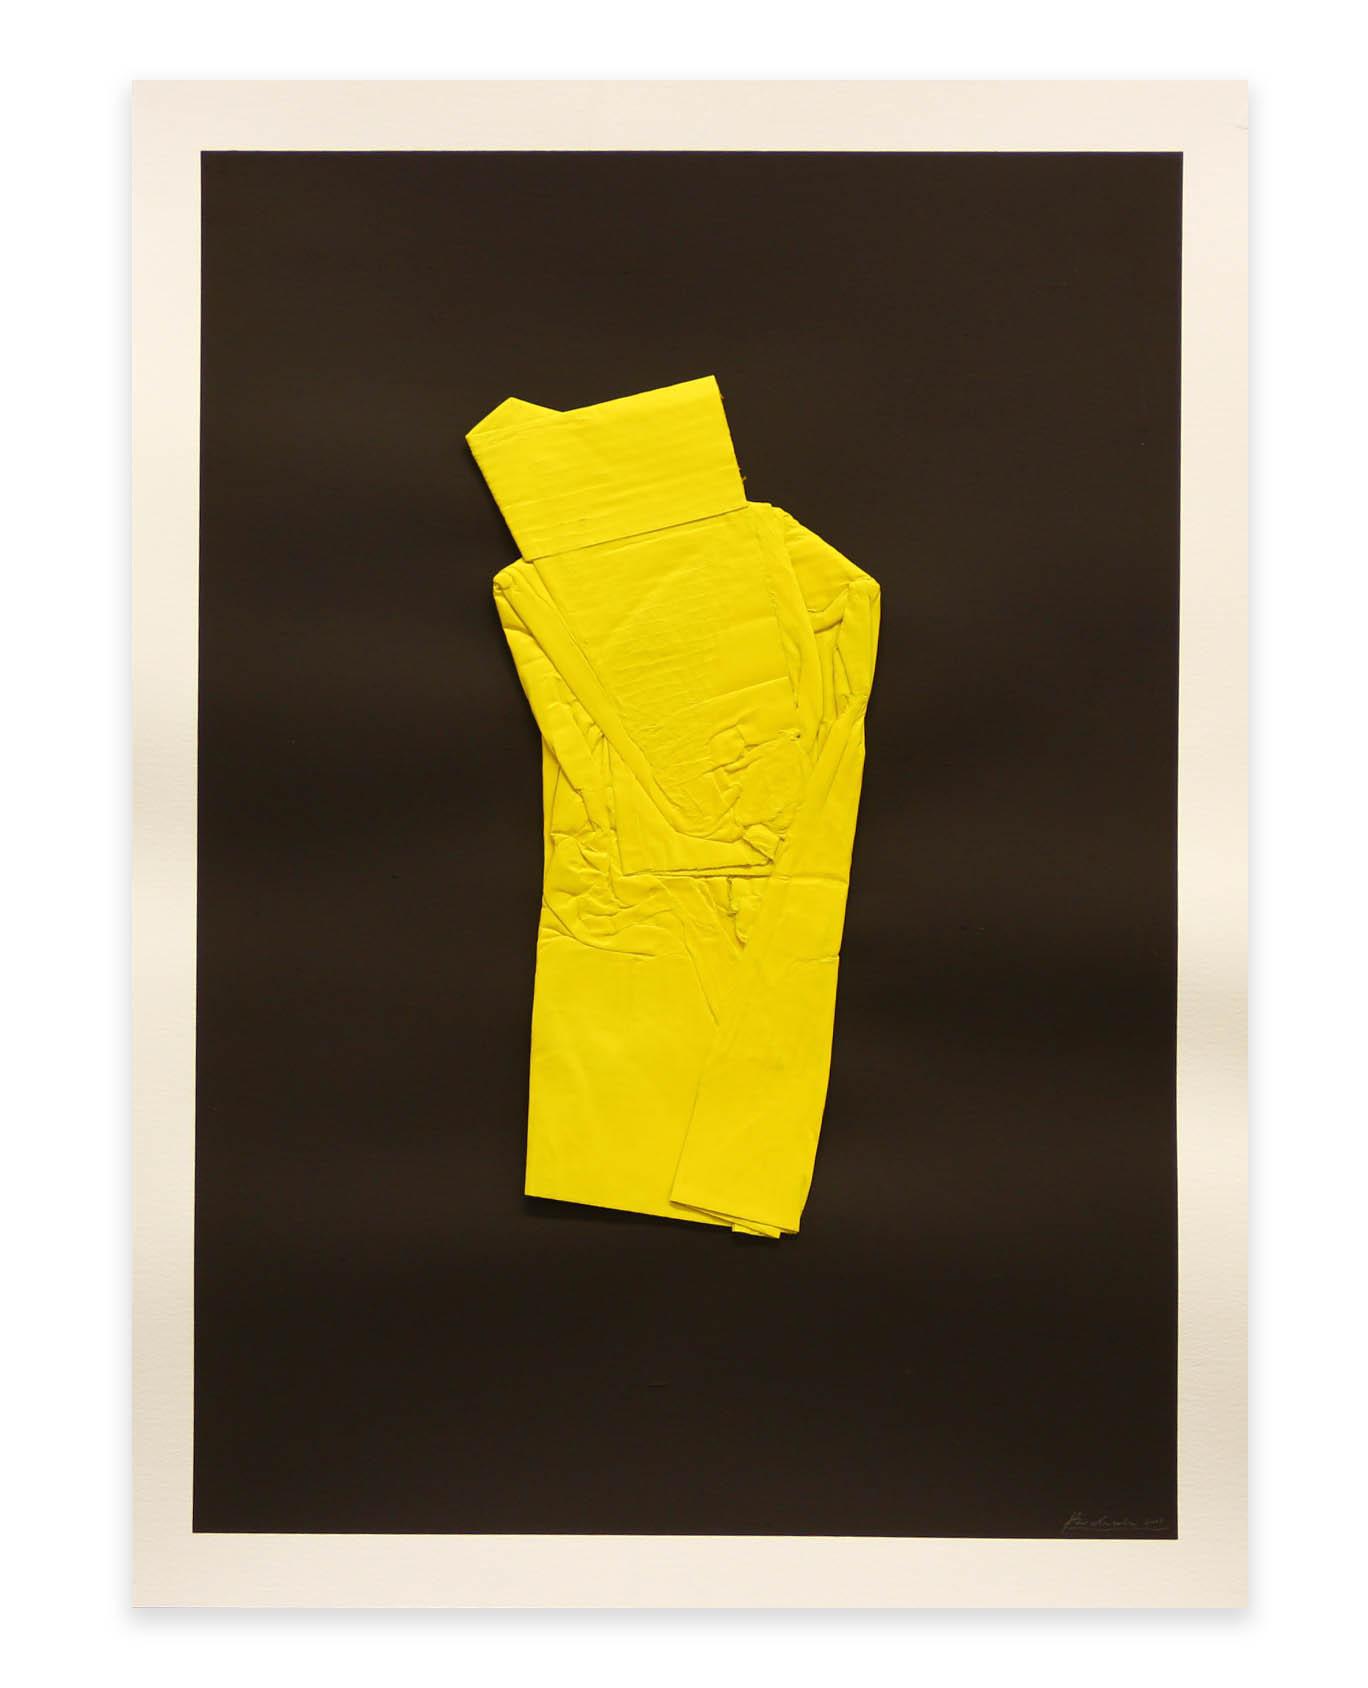 Pressed Cadmium Yellow  - 2017  Pigmento acrilico, bomboletta spray e cartone su carta  76 x 56 cm